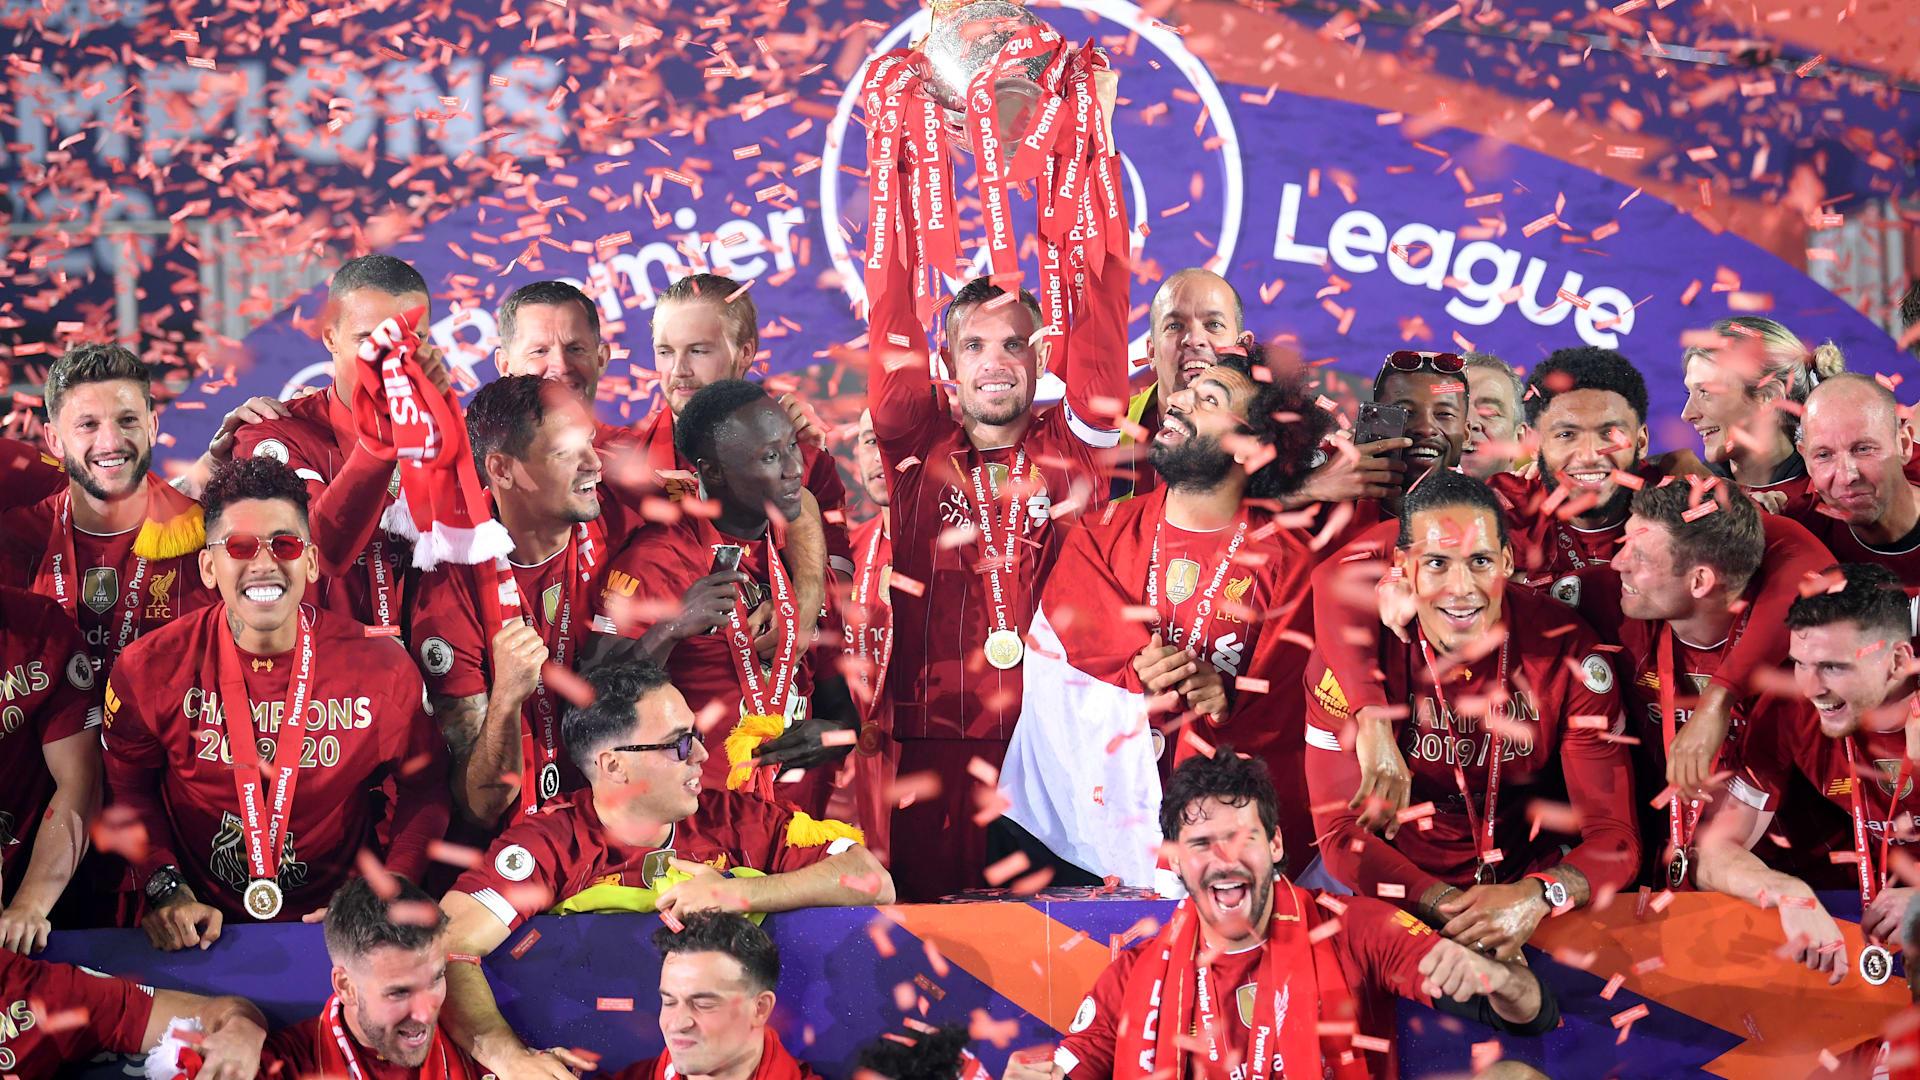 premier league 2020 21 fixtures broadcast live streaming details for india premier league 2020 21 fixtures